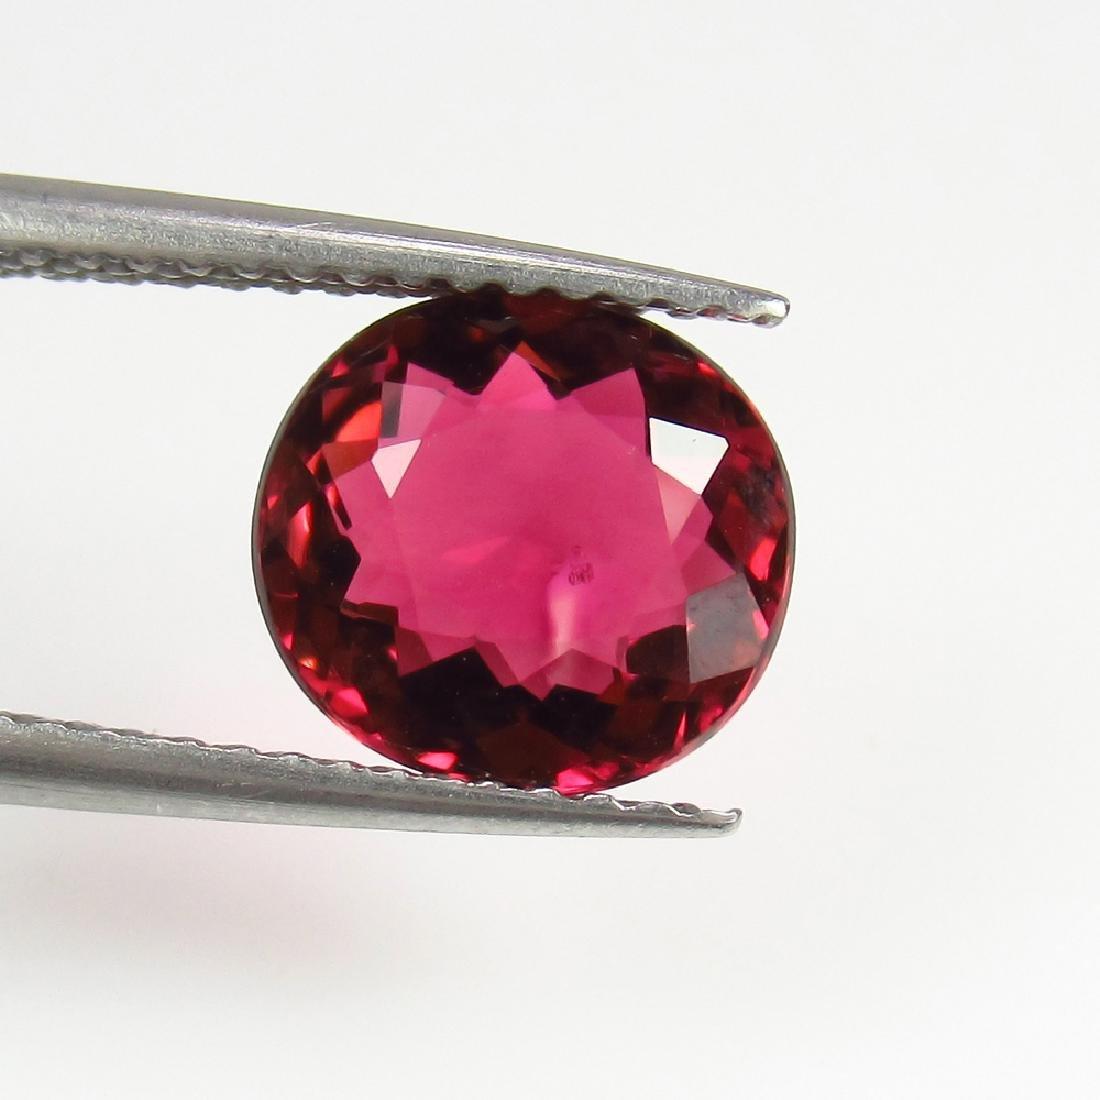 1.92 Ctw Natural Loose Deep Reddish Pink Rubellite